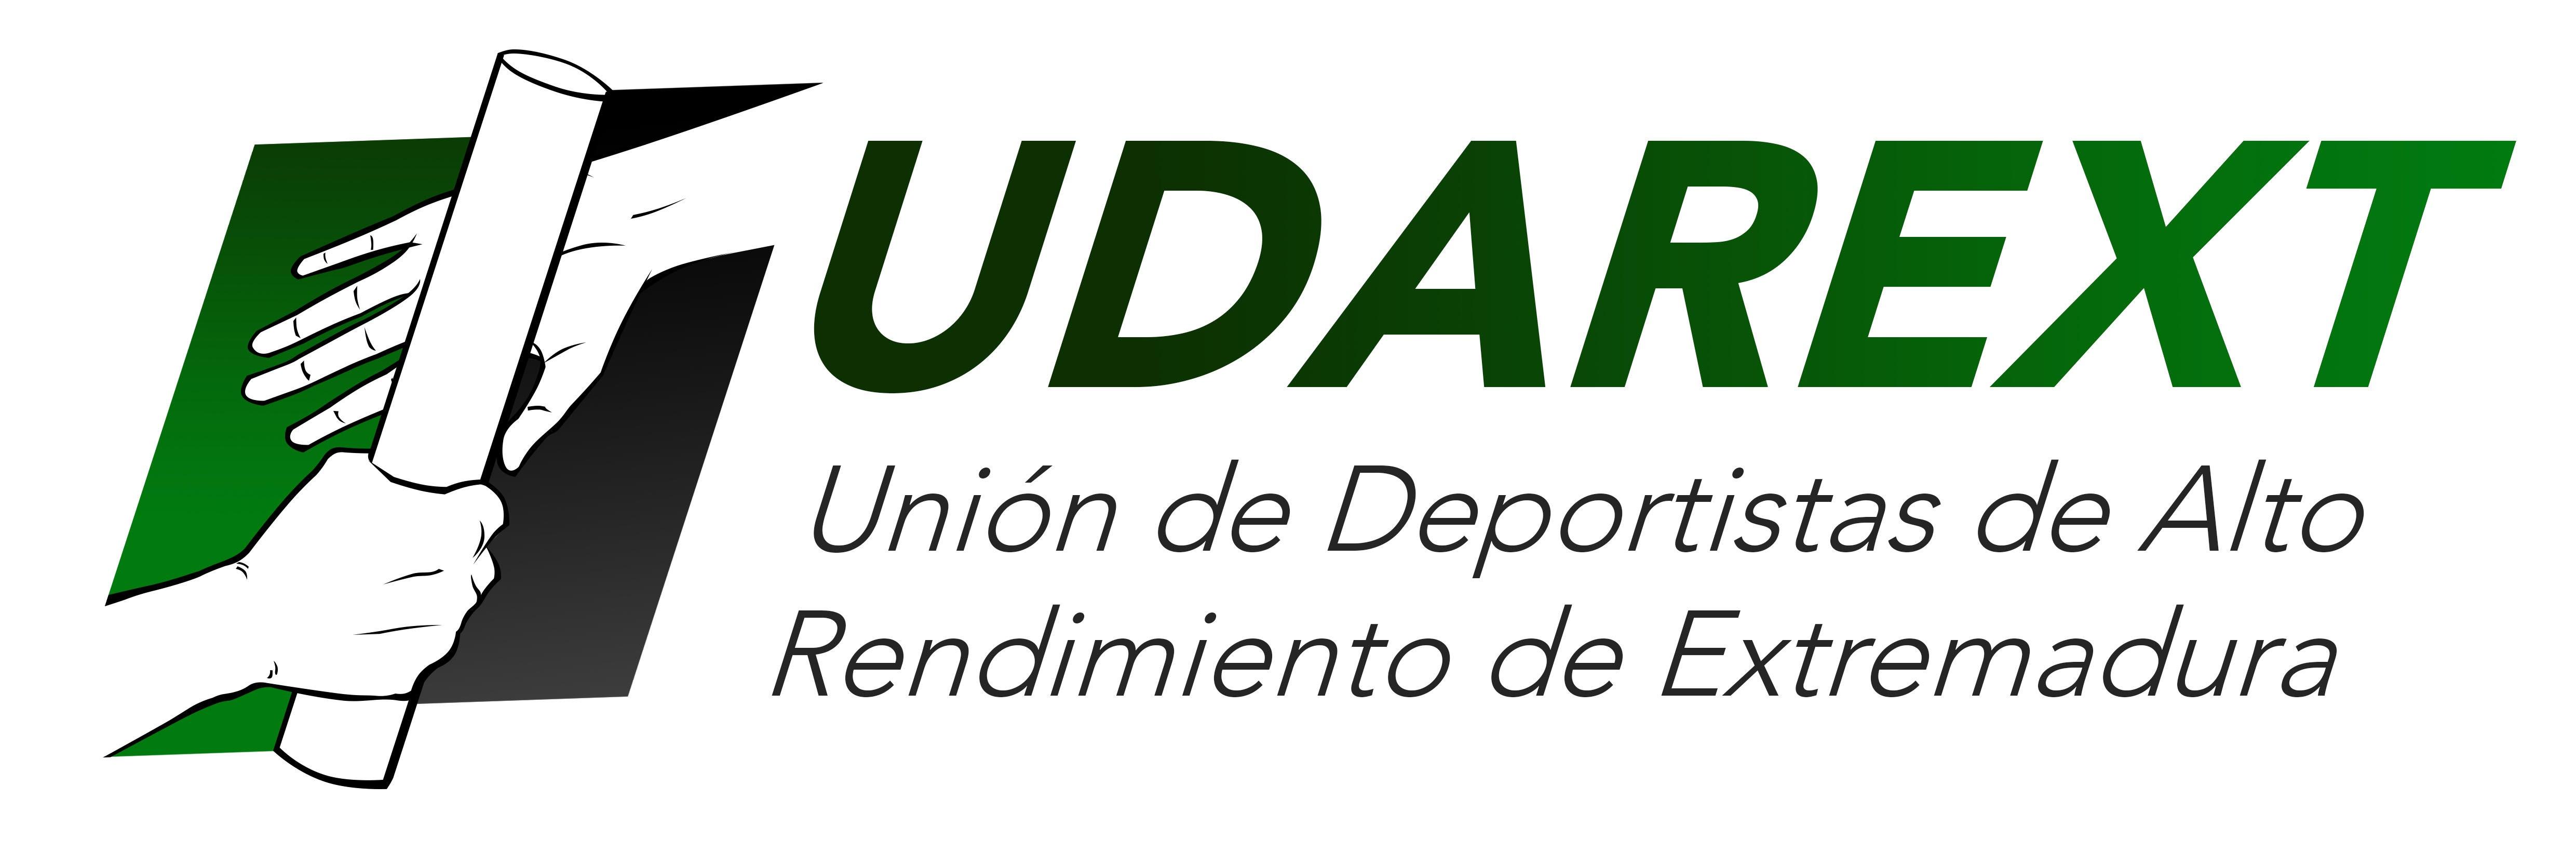 Presentación de la Unión de Deportistas de Alto Rendimiento de Extremadura (UDAREXT)